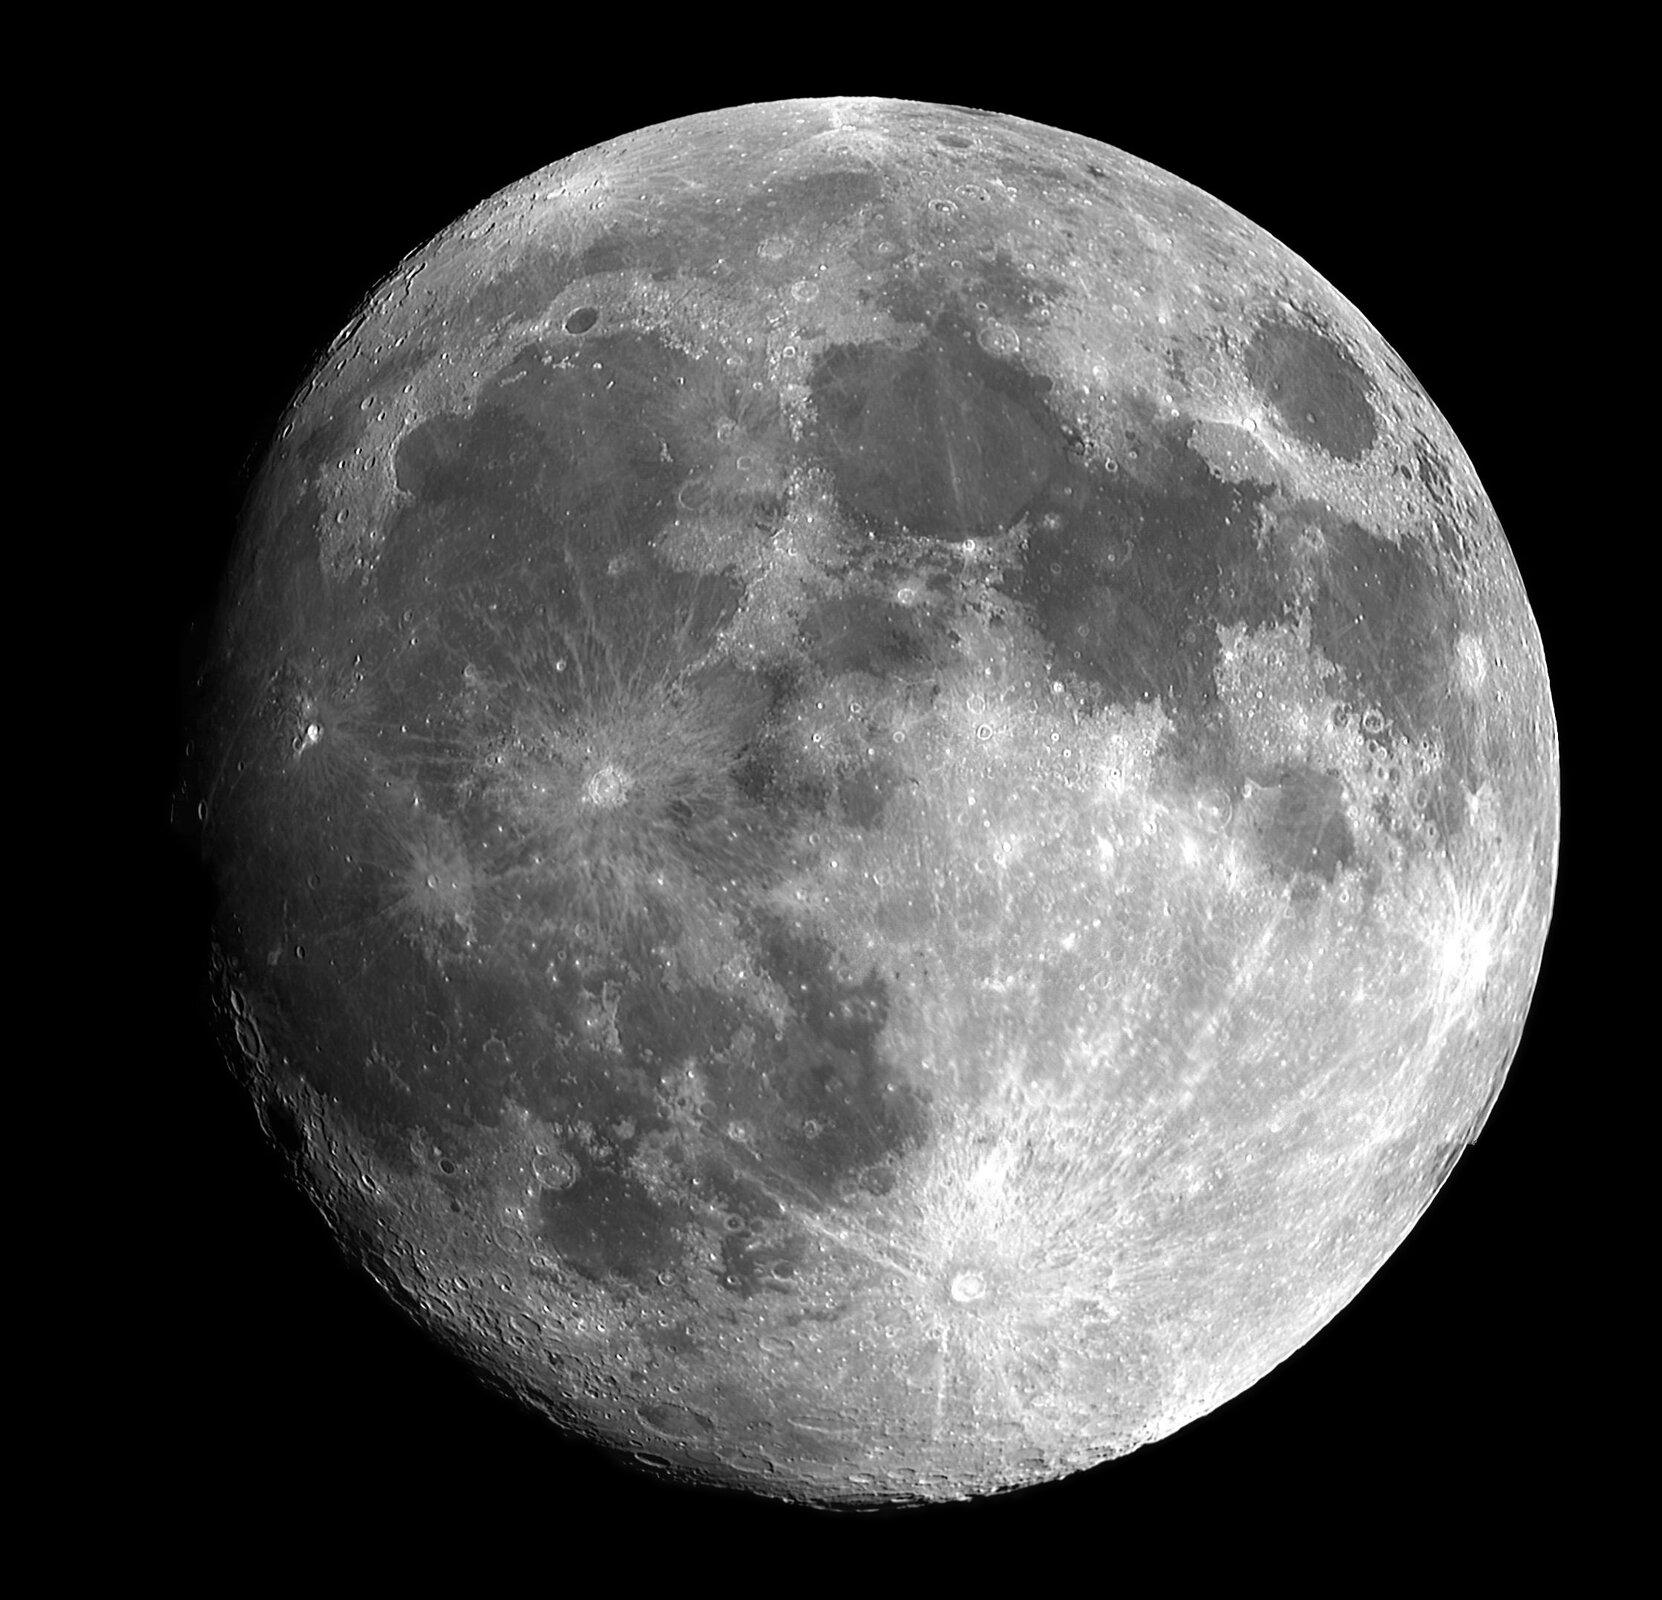 Zdjęcie Księżyca na nocnym niebie